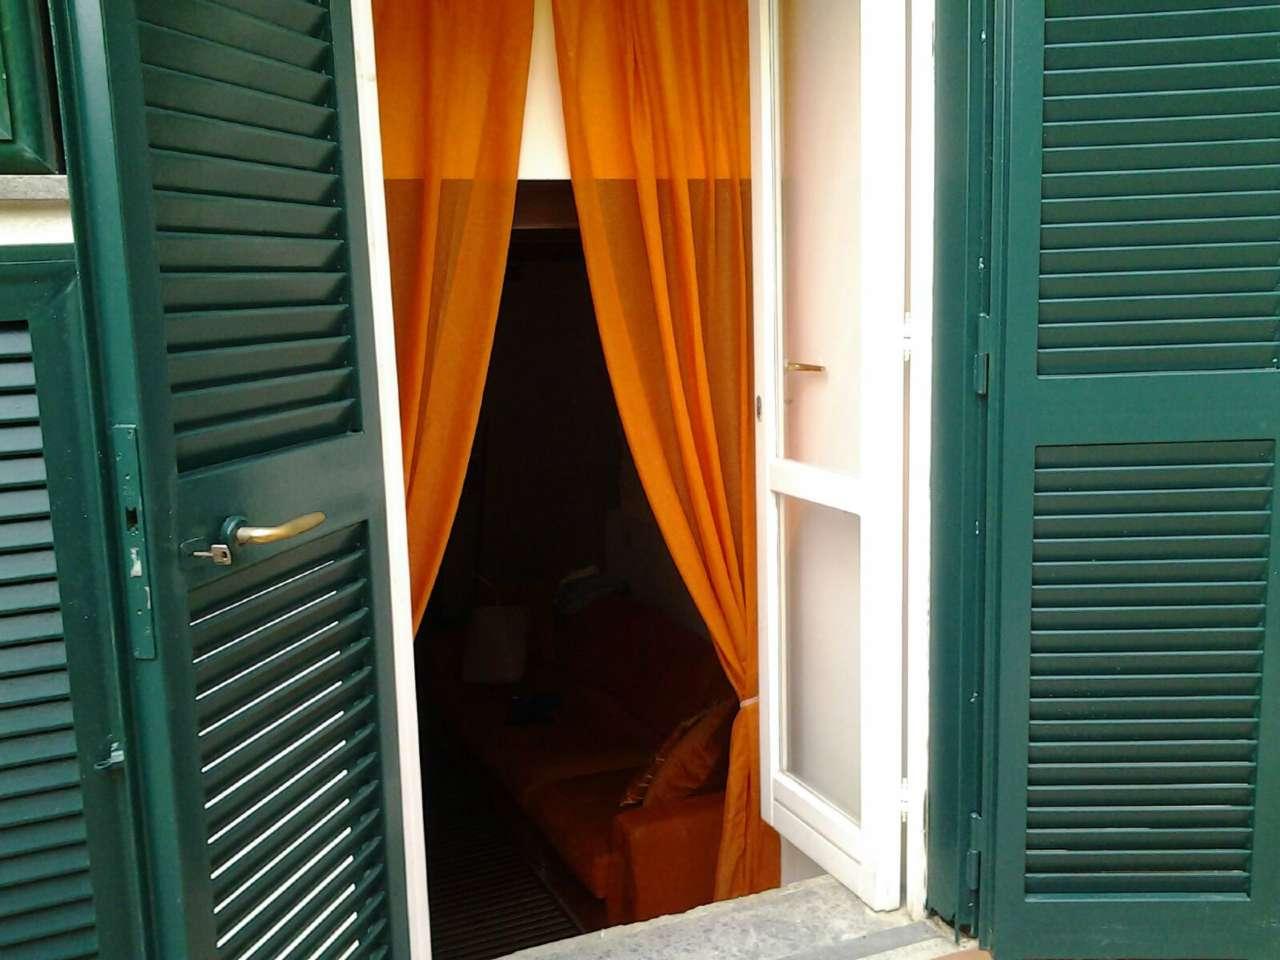 Appartamento in vendita a Napoli, 4 locali, zona Zona: 1 . Chiaia, Posillipo, San Ferdinando, prezzo € 300.000   CambioCasa.it